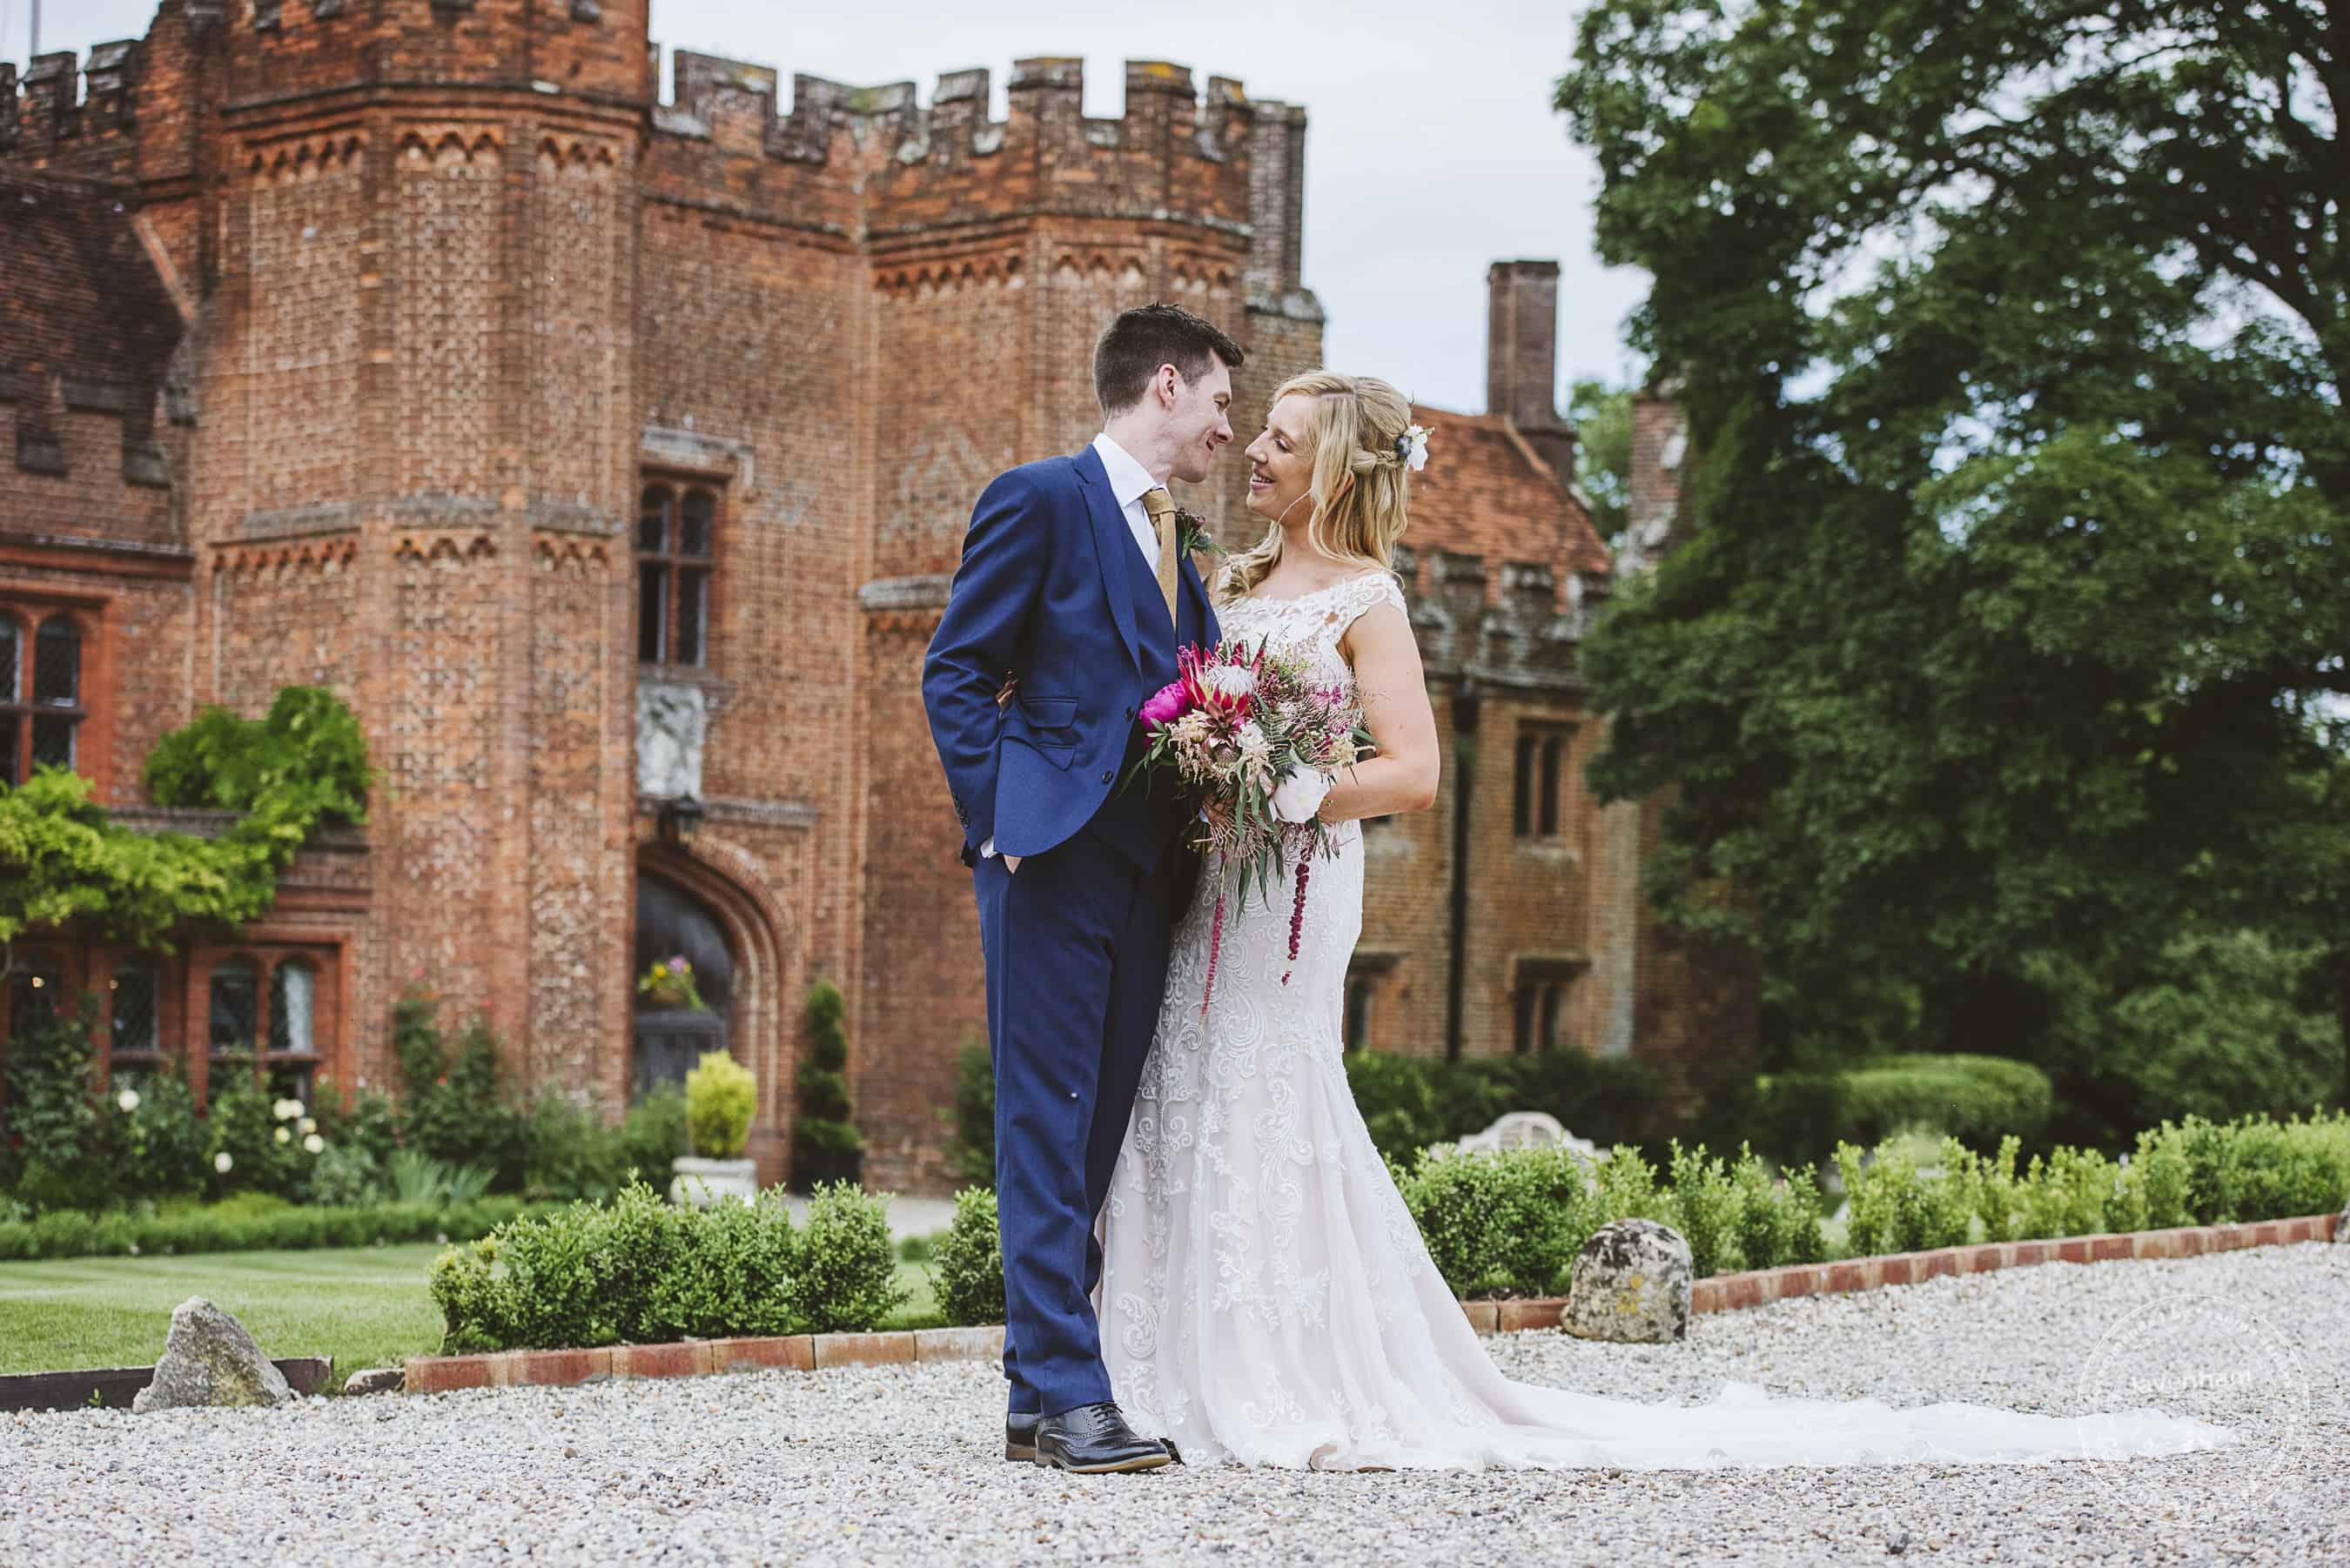 020618 Leez Priory Wedding Photography Lavenham Photographic 123